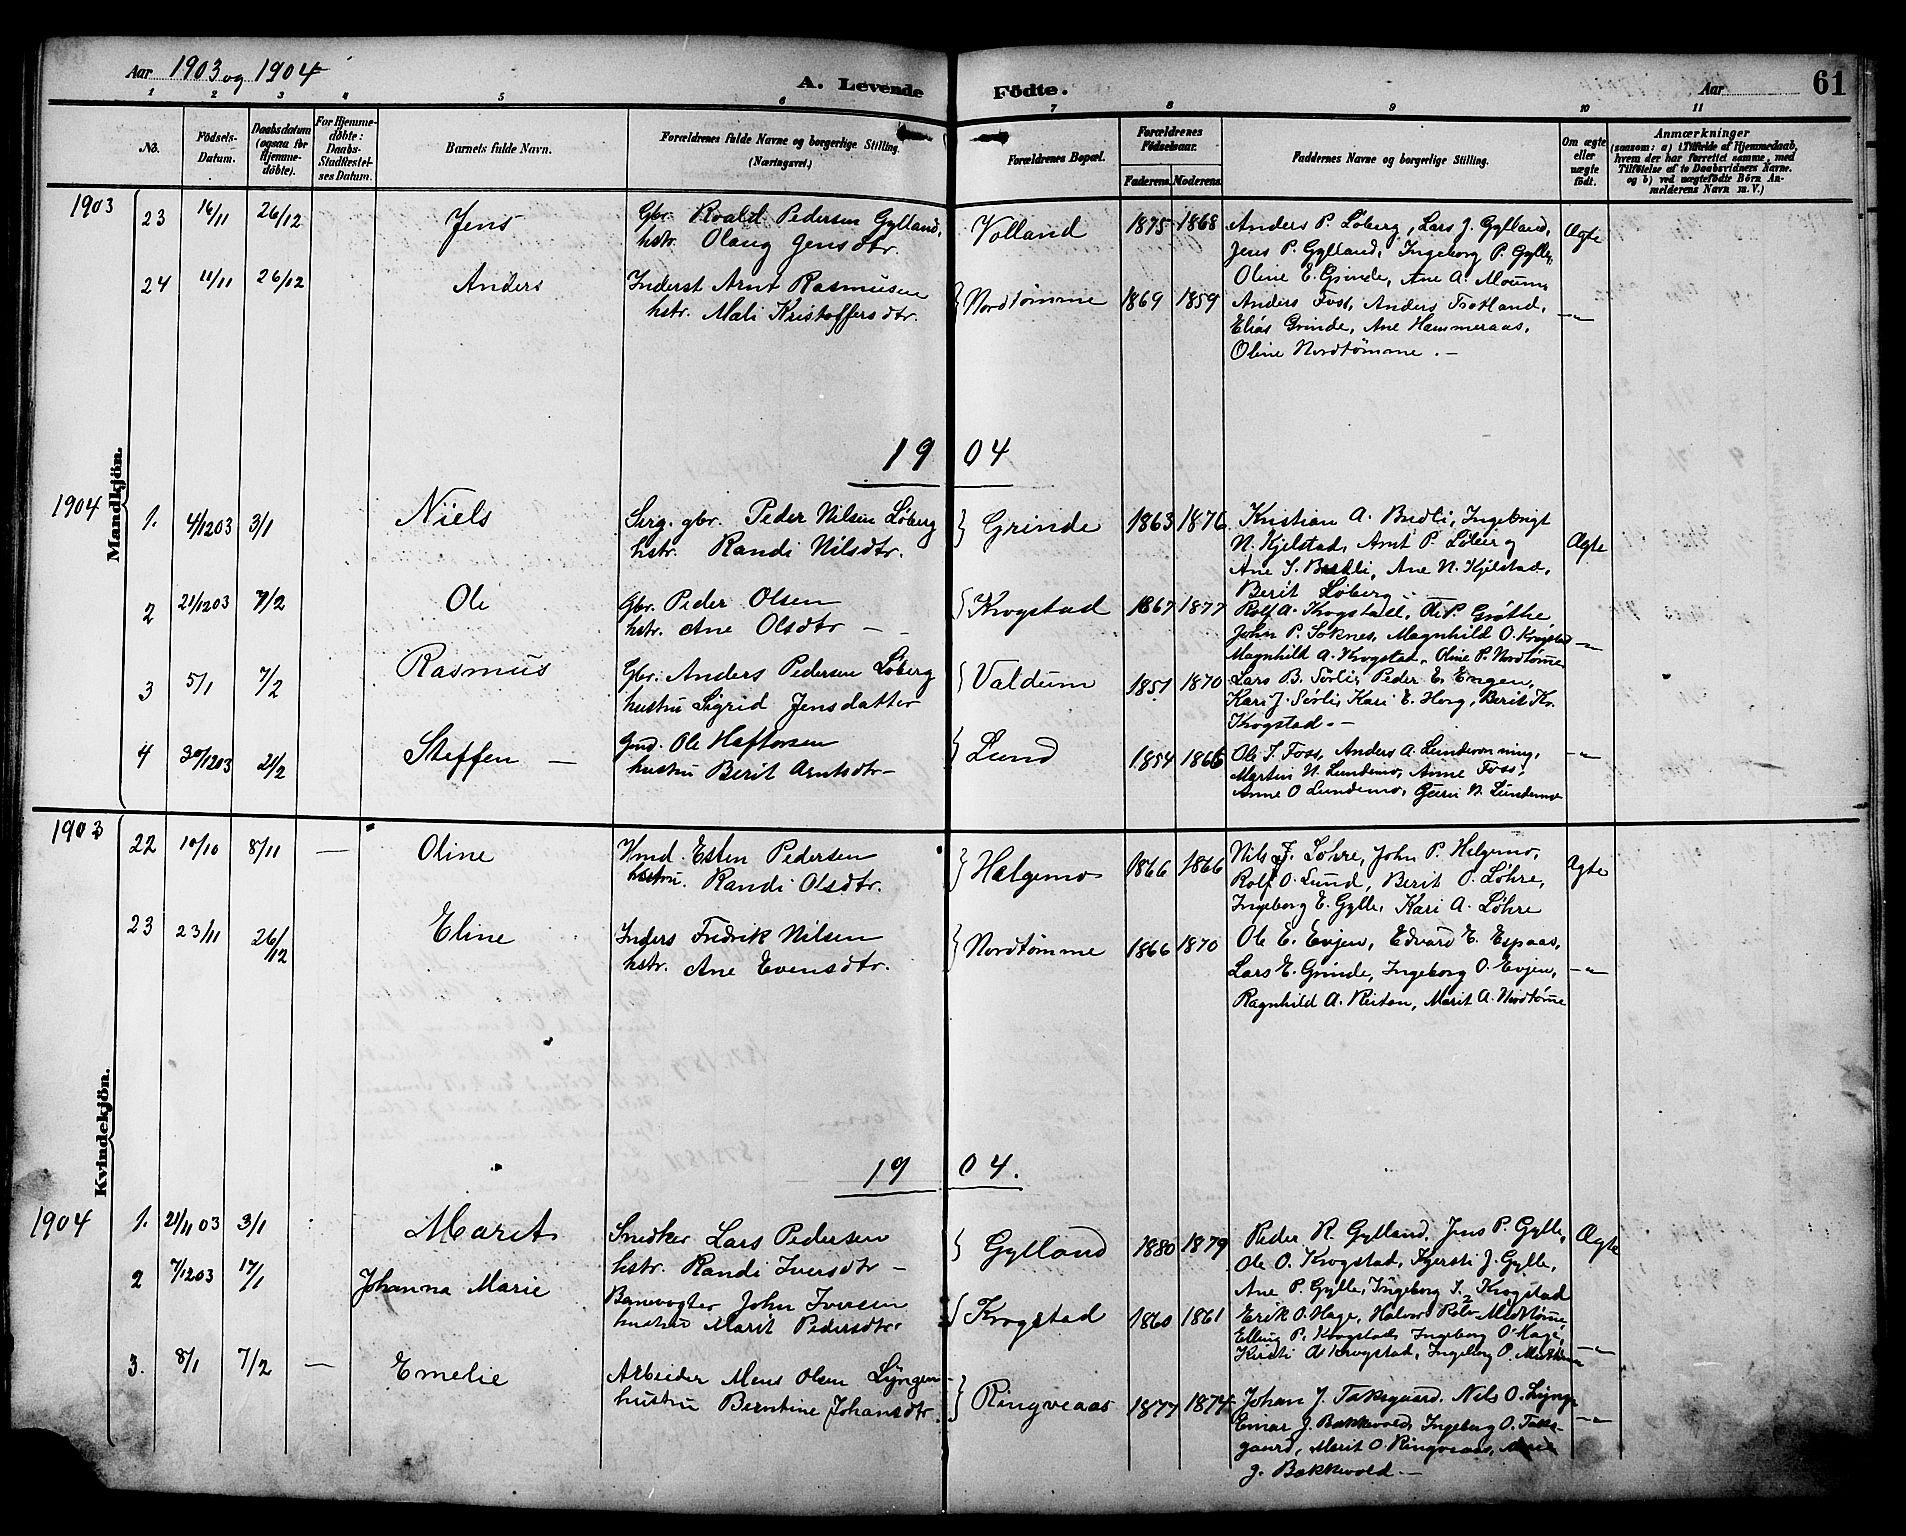 SAT, Ministerialprotokoller, klokkerbøker og fødselsregistre - Sør-Trøndelag, 692/L1111: Klokkerbok nr. 692C06, 1890-1904, s. 61